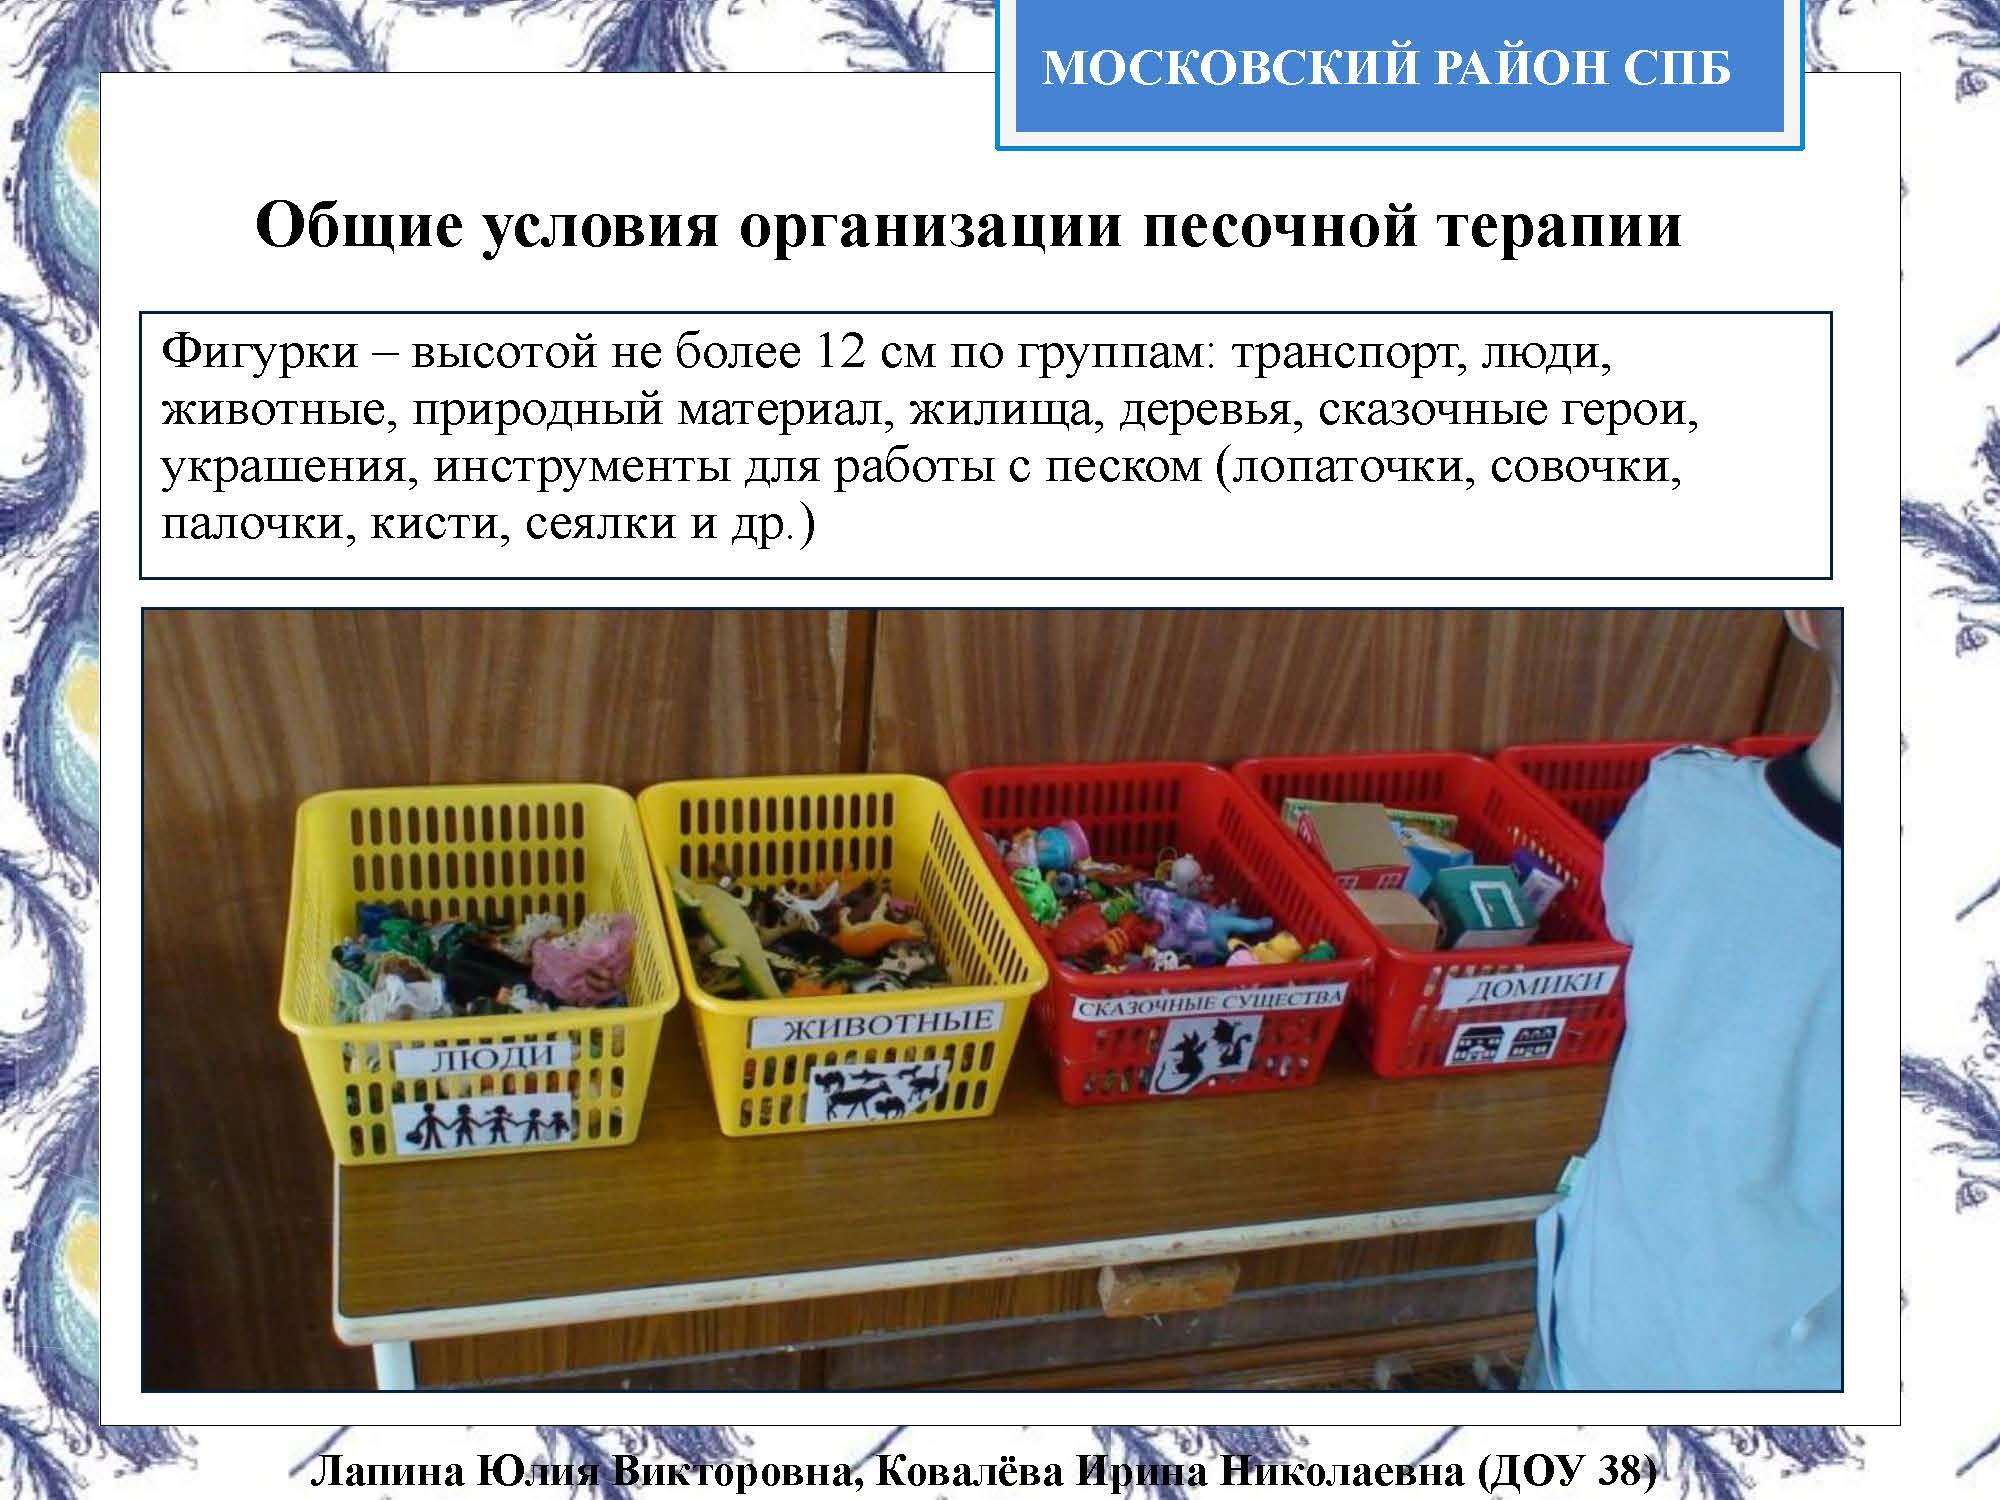 Секция 8. ДОУ 38, Московский район_Страница_12